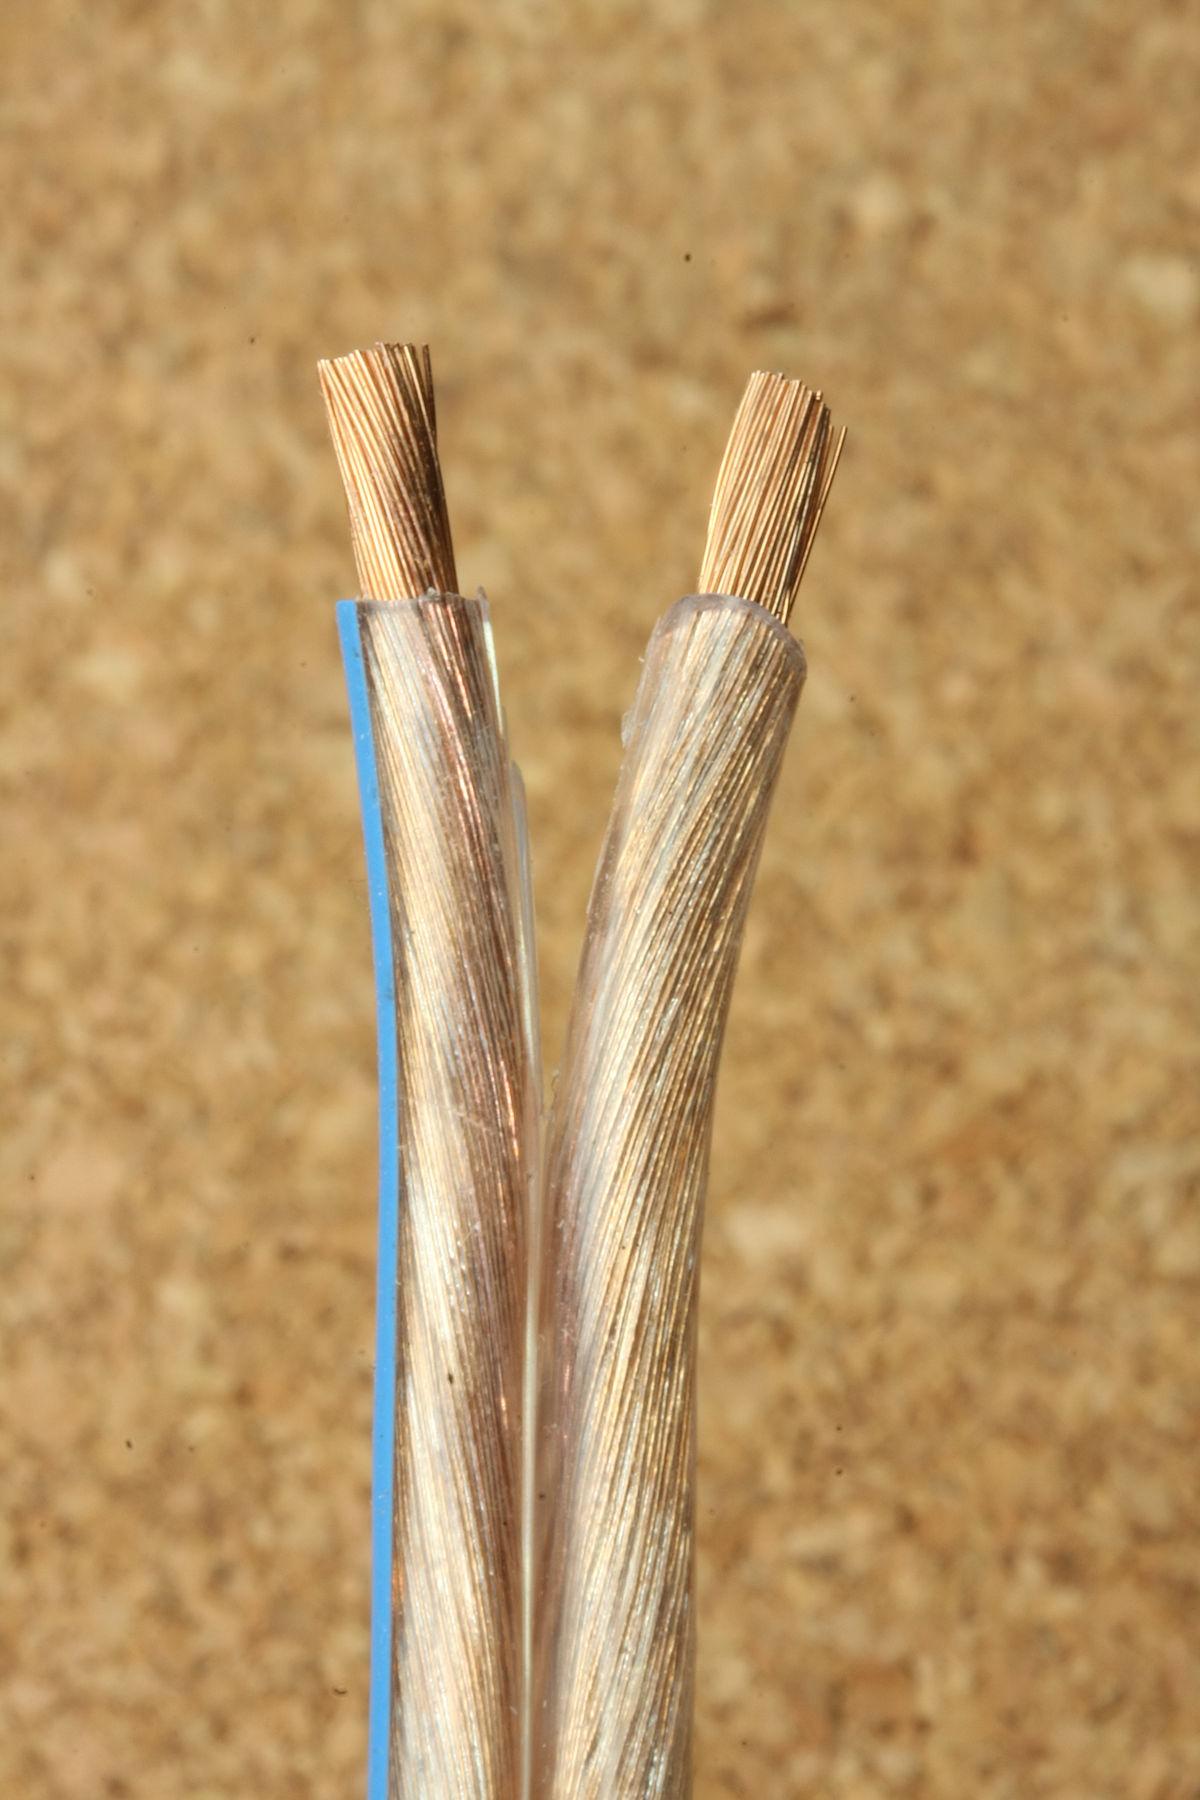 Zip-cord